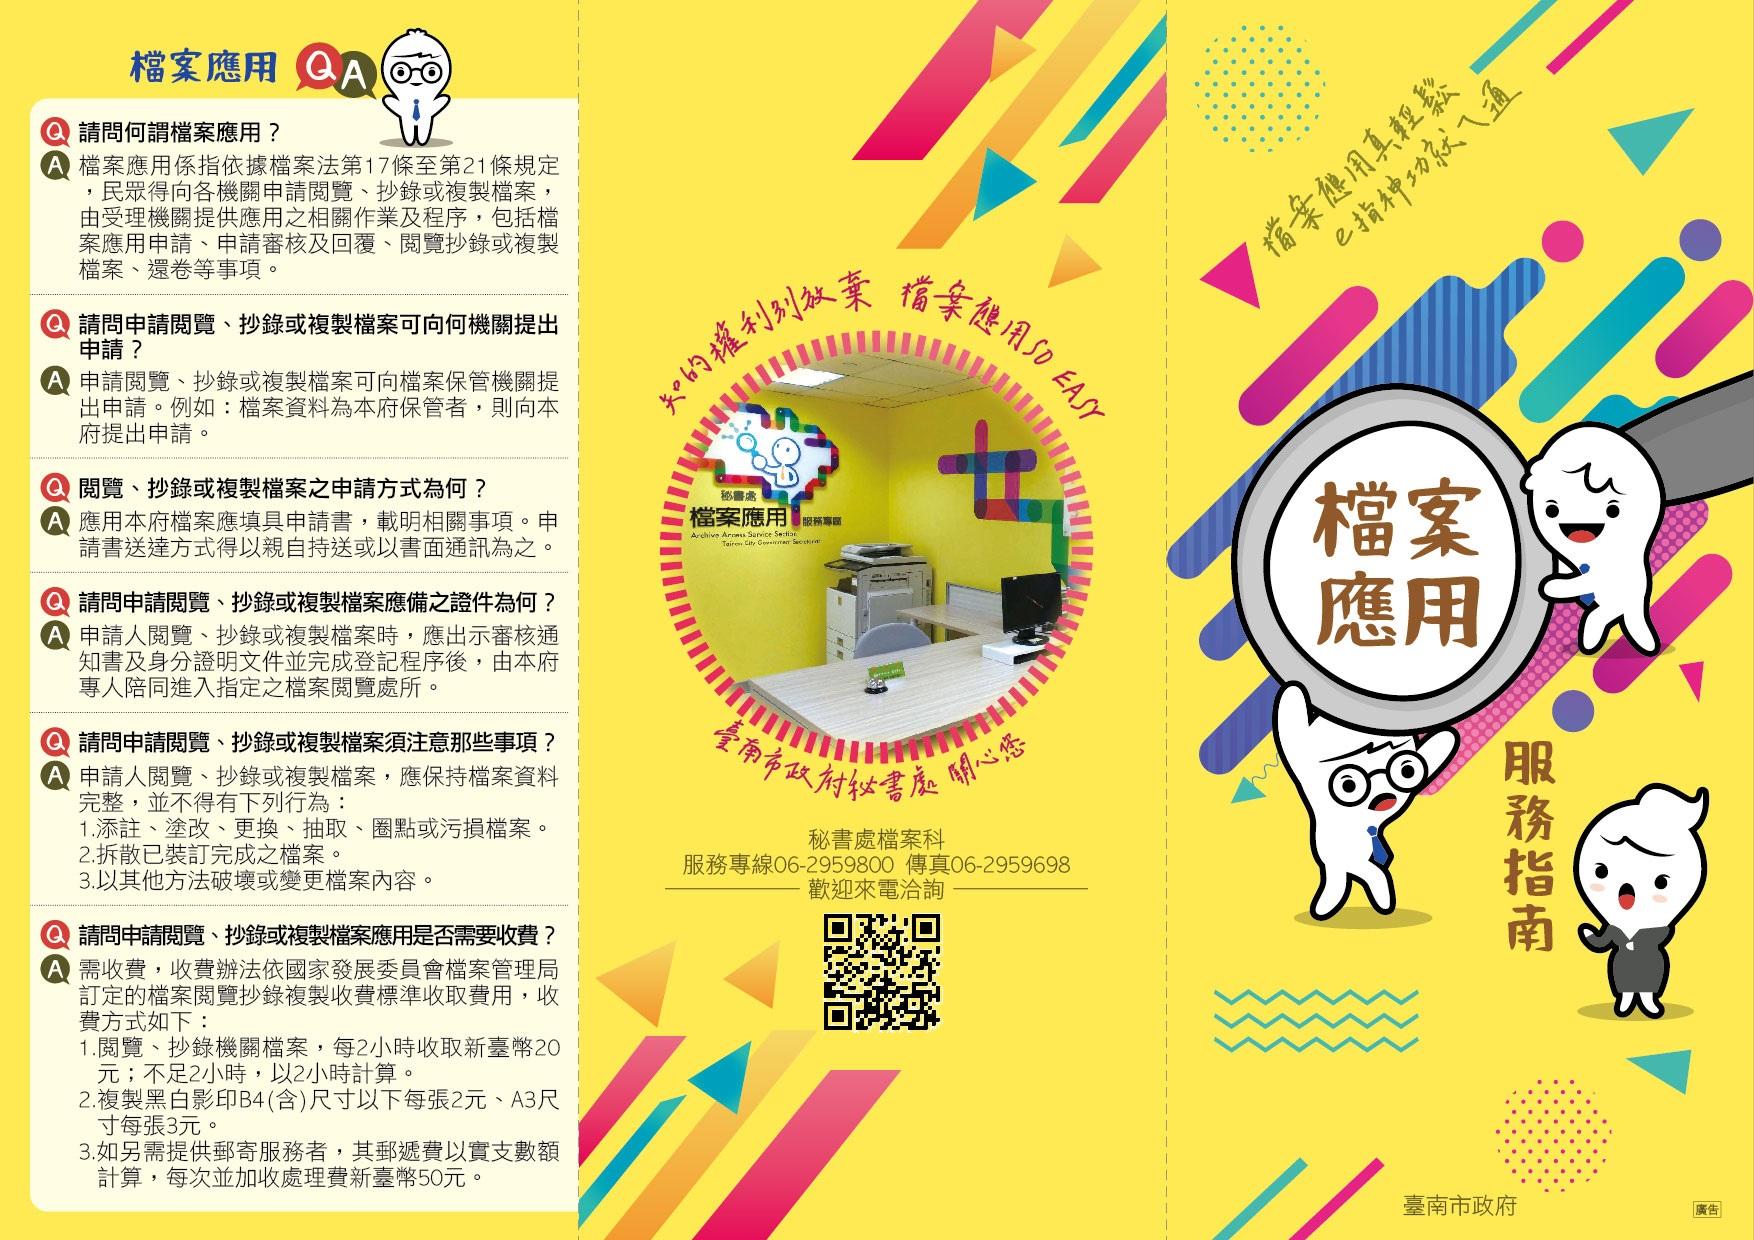 臺南市政府檔案應用流程圖1